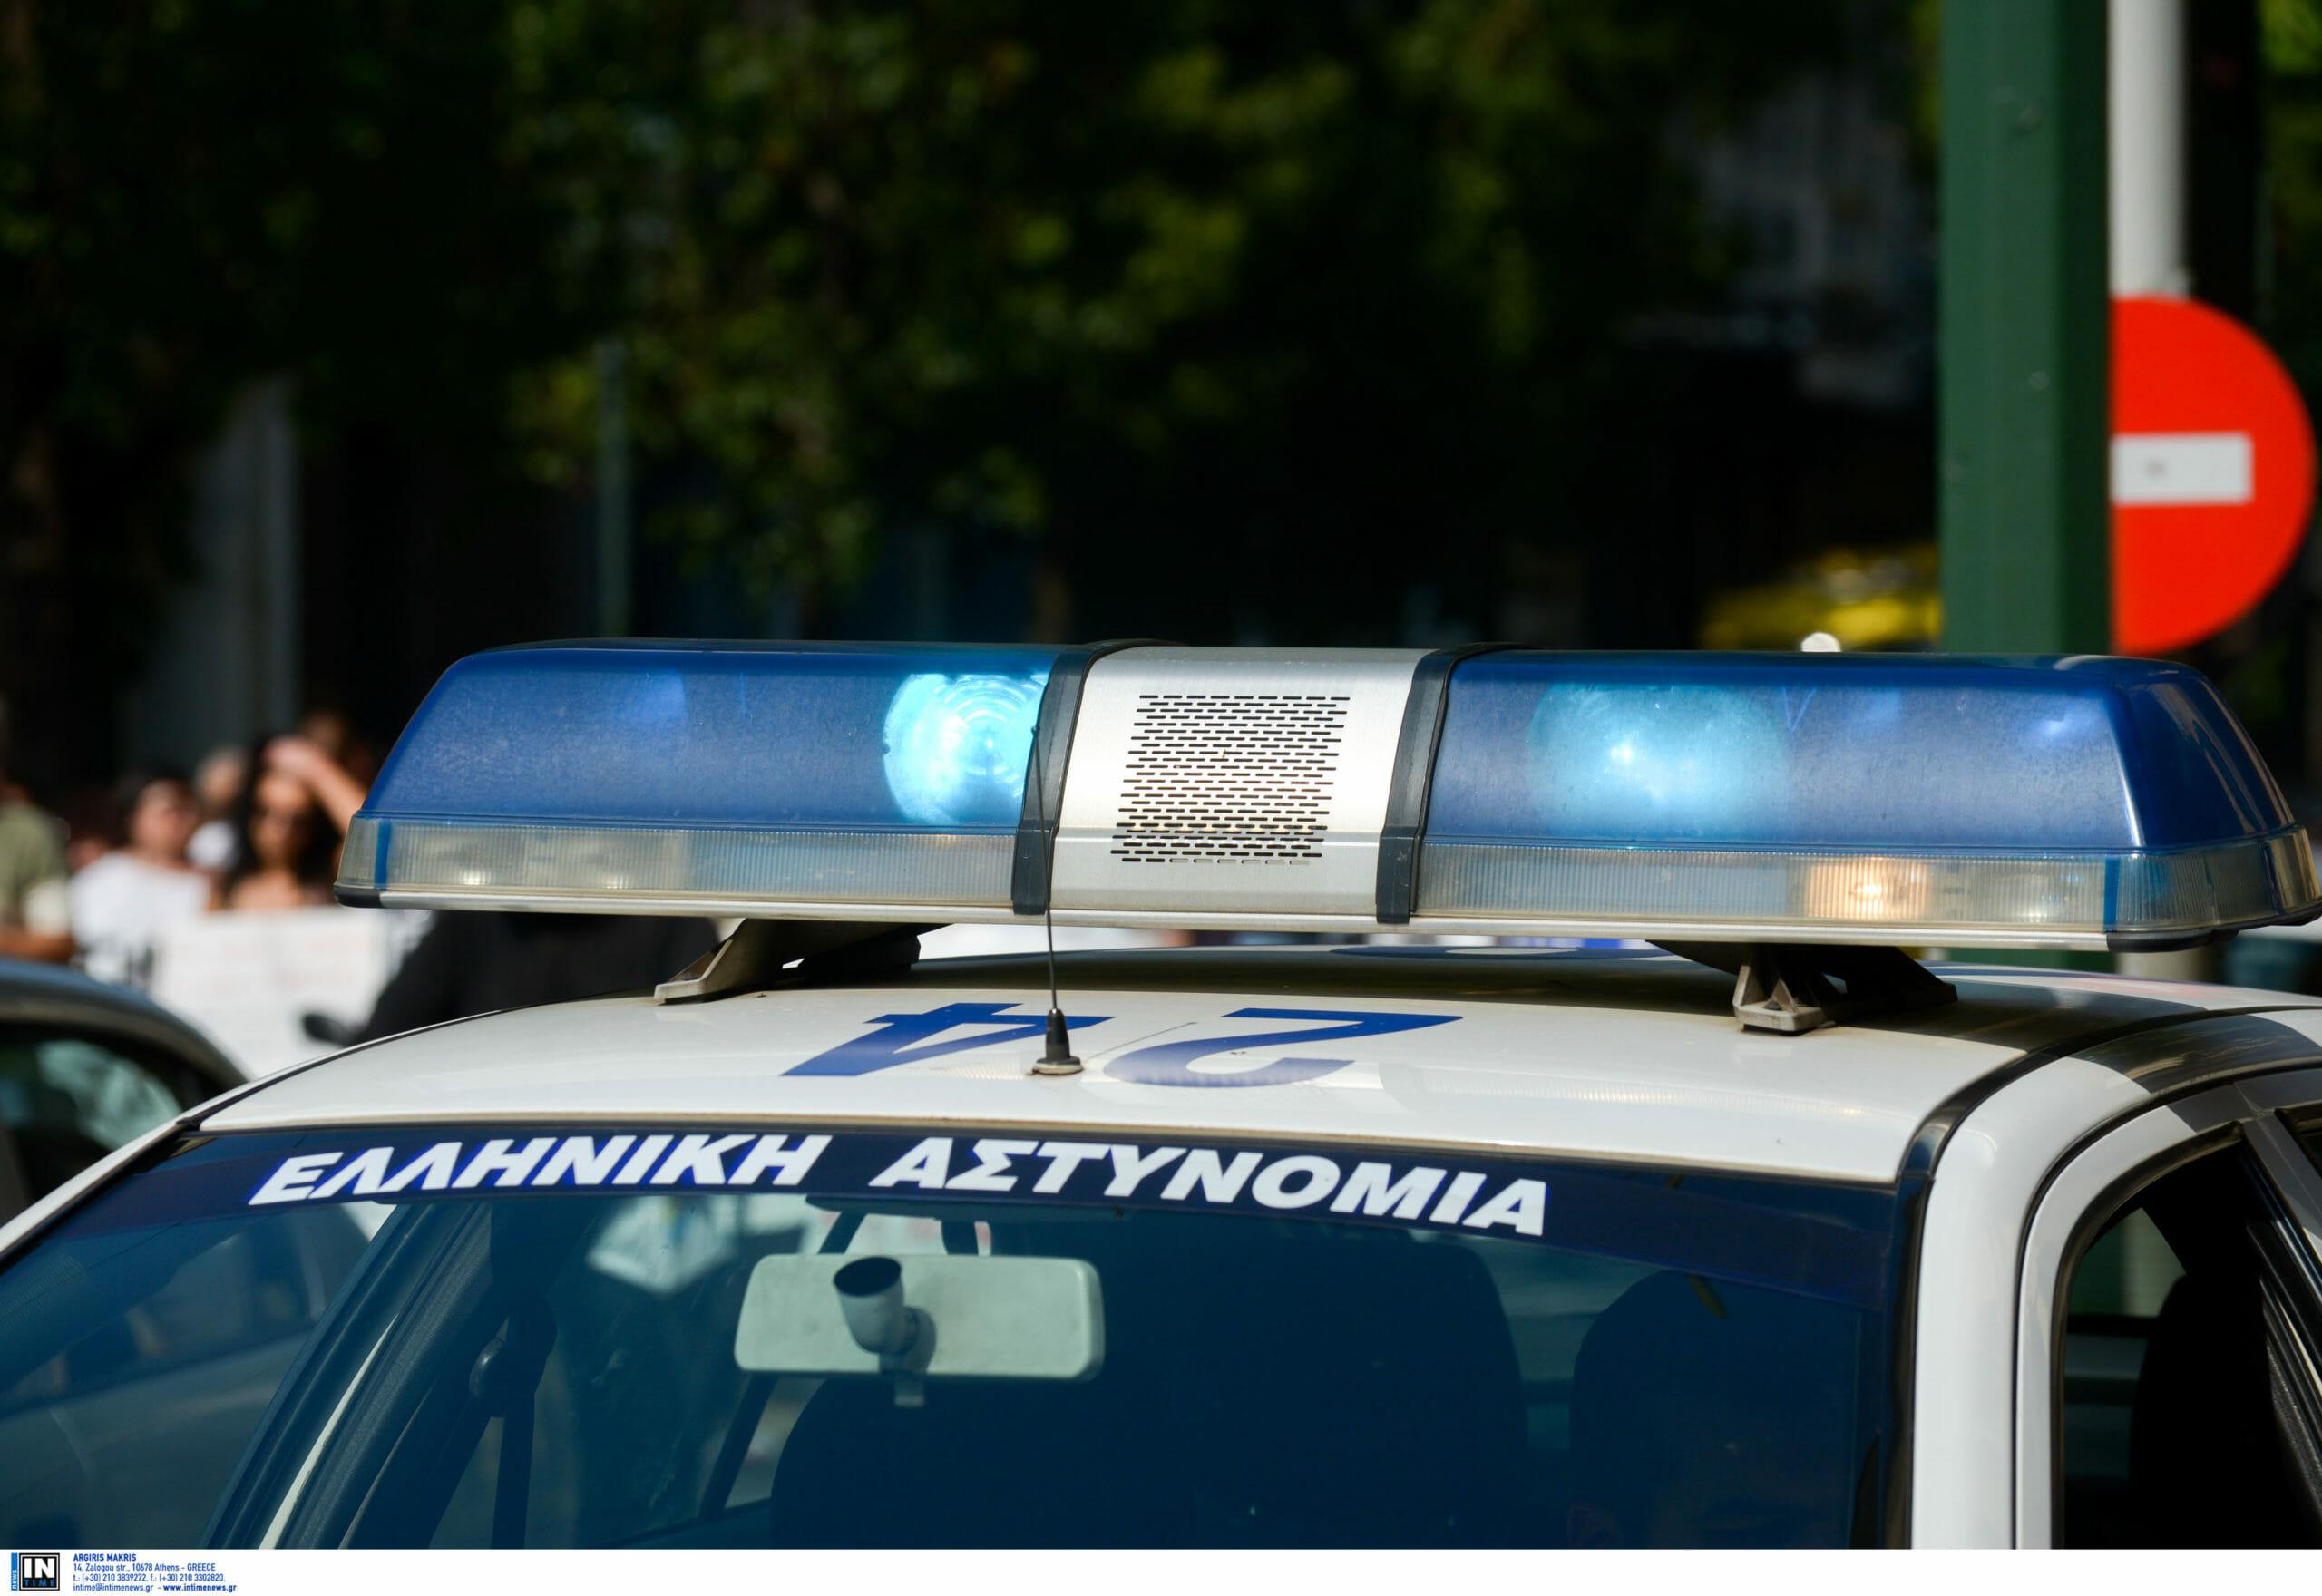 Υποπολυβόλο είχε στο σπίτι του ένας 79χρονος παλιός γνώριμος της αστυνομίας στη Θεσσαλονίκη